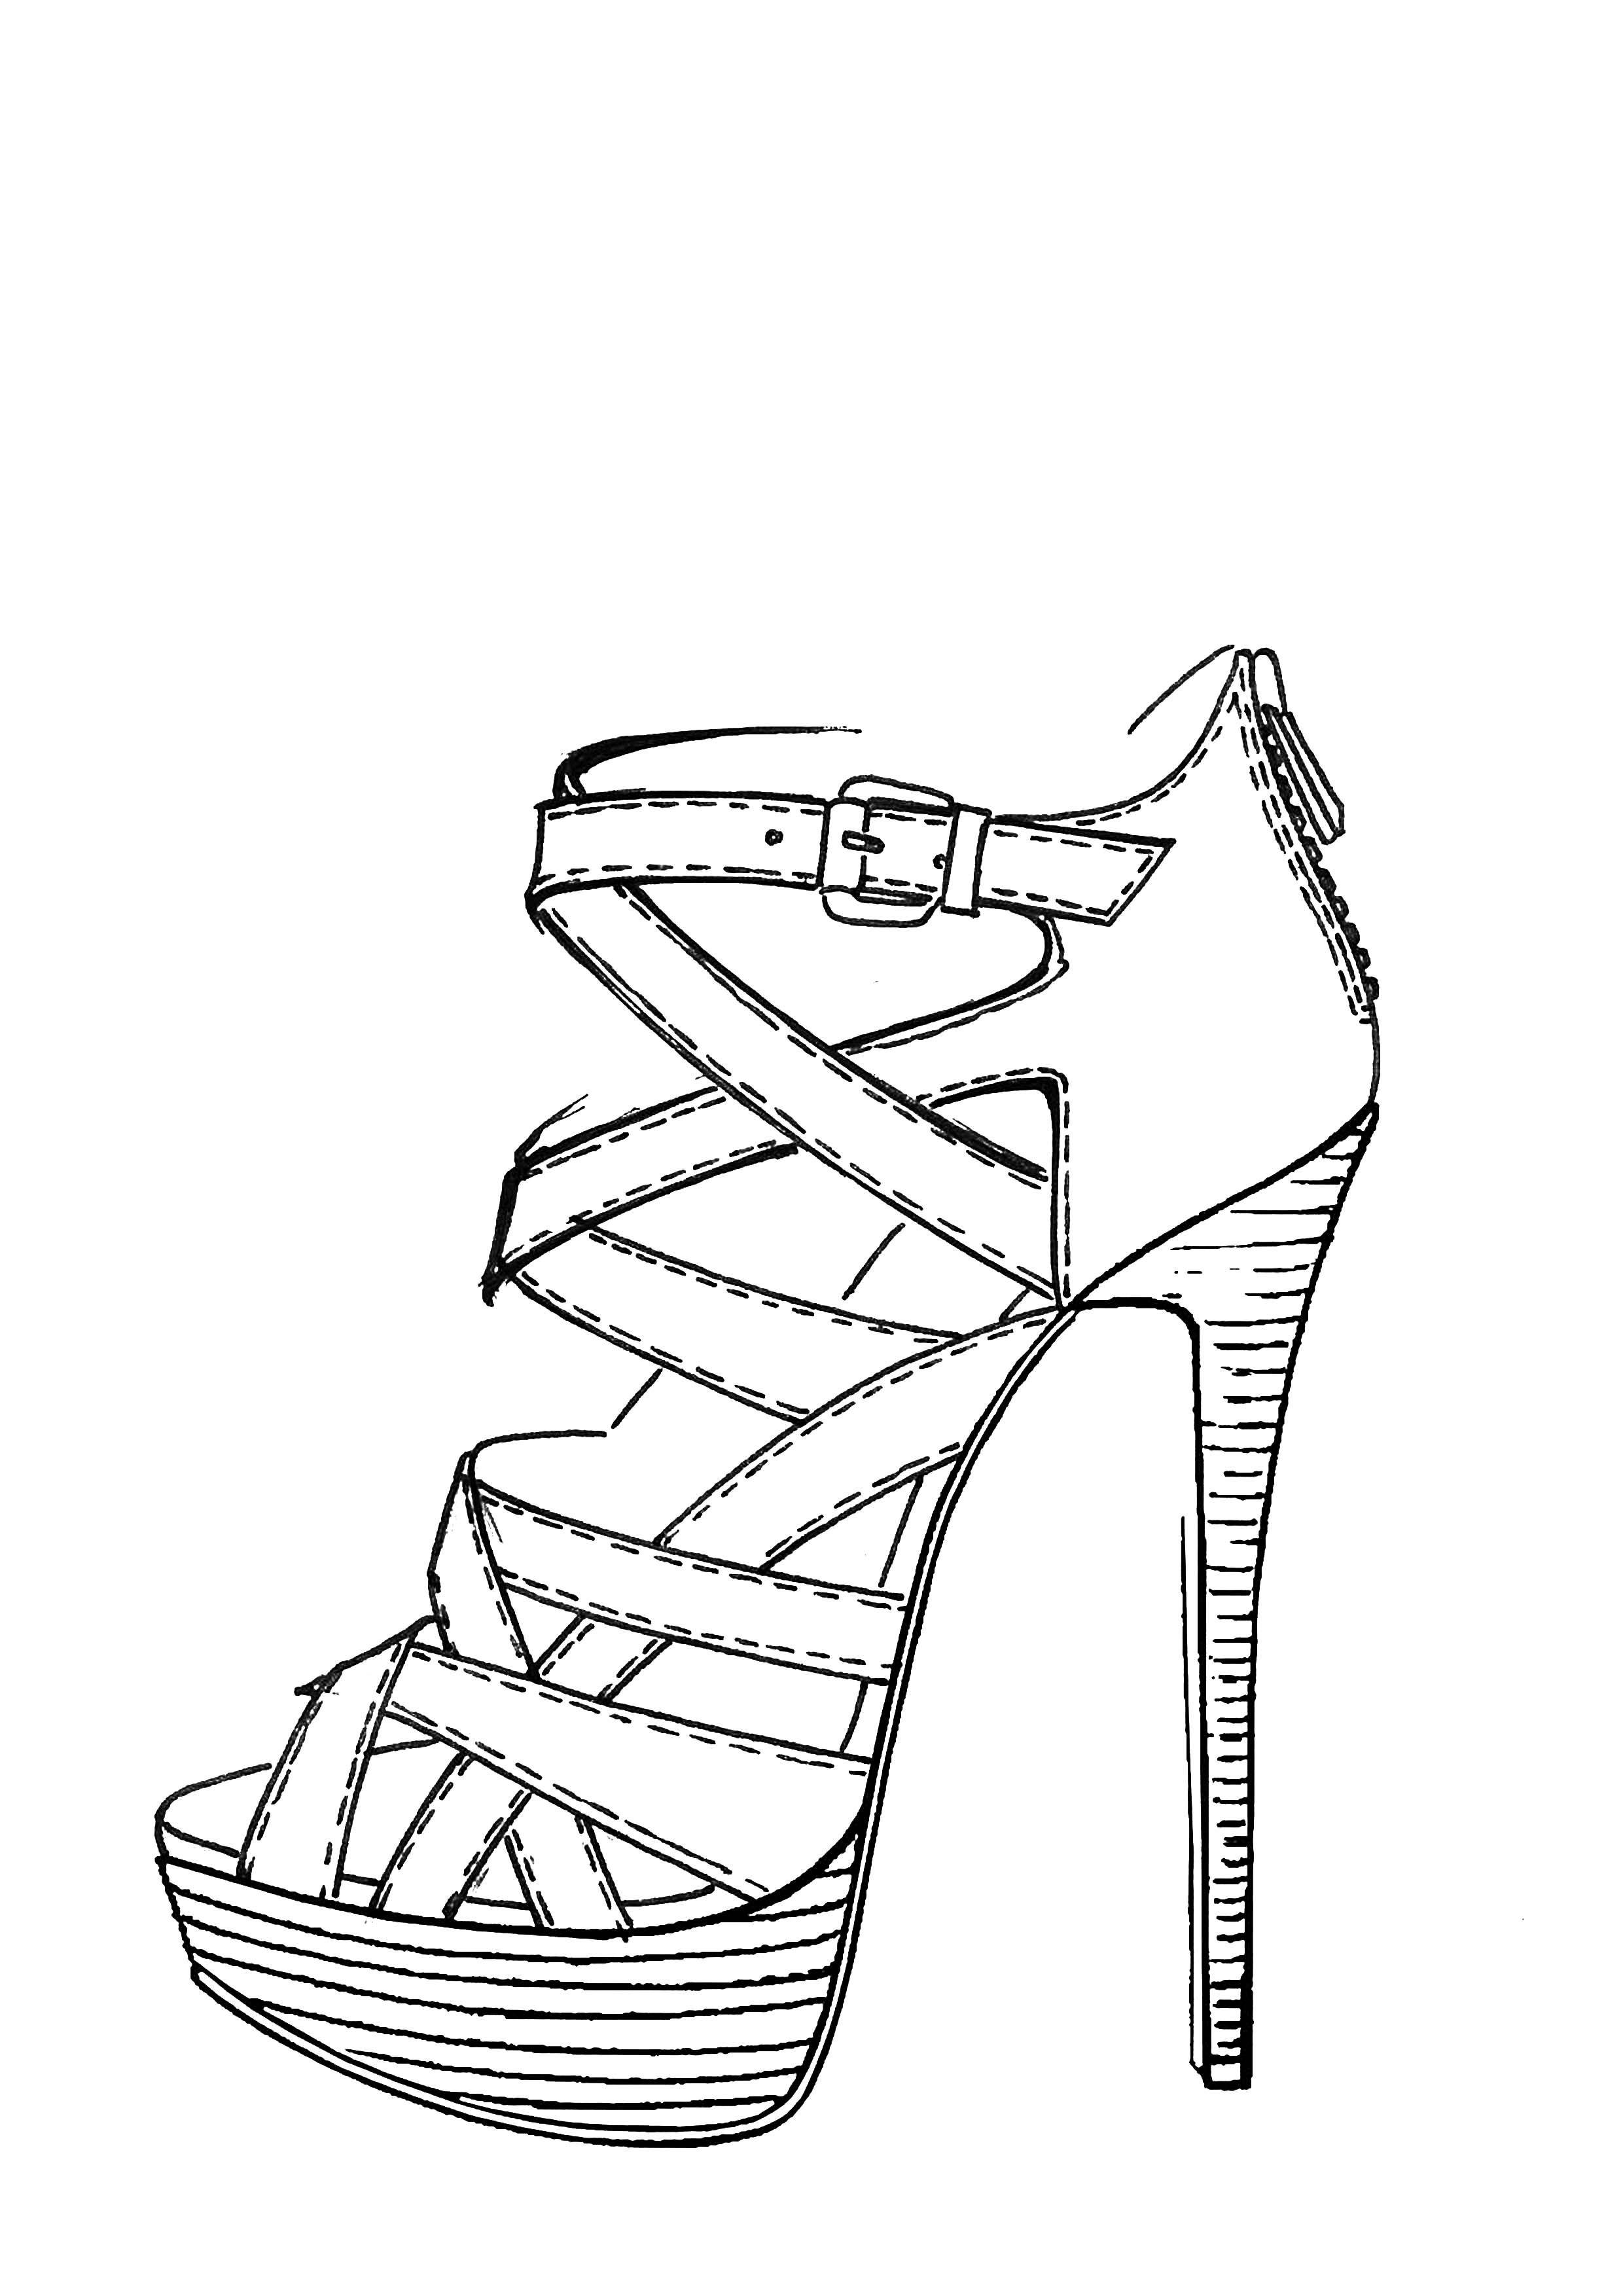 how to sketch high heels pixilart high heel shoes by danalana how sketch heels high to